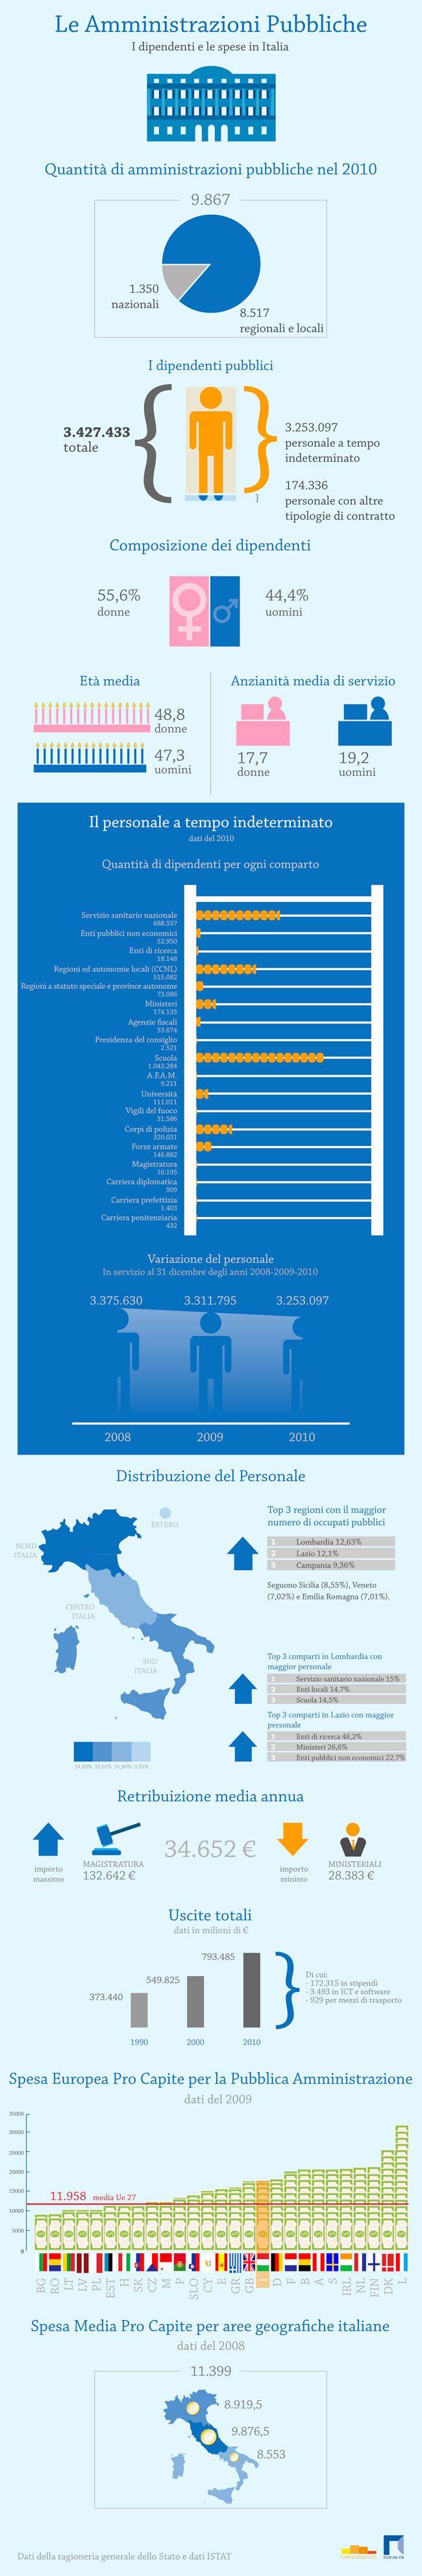 Costo pubblica amministrazione